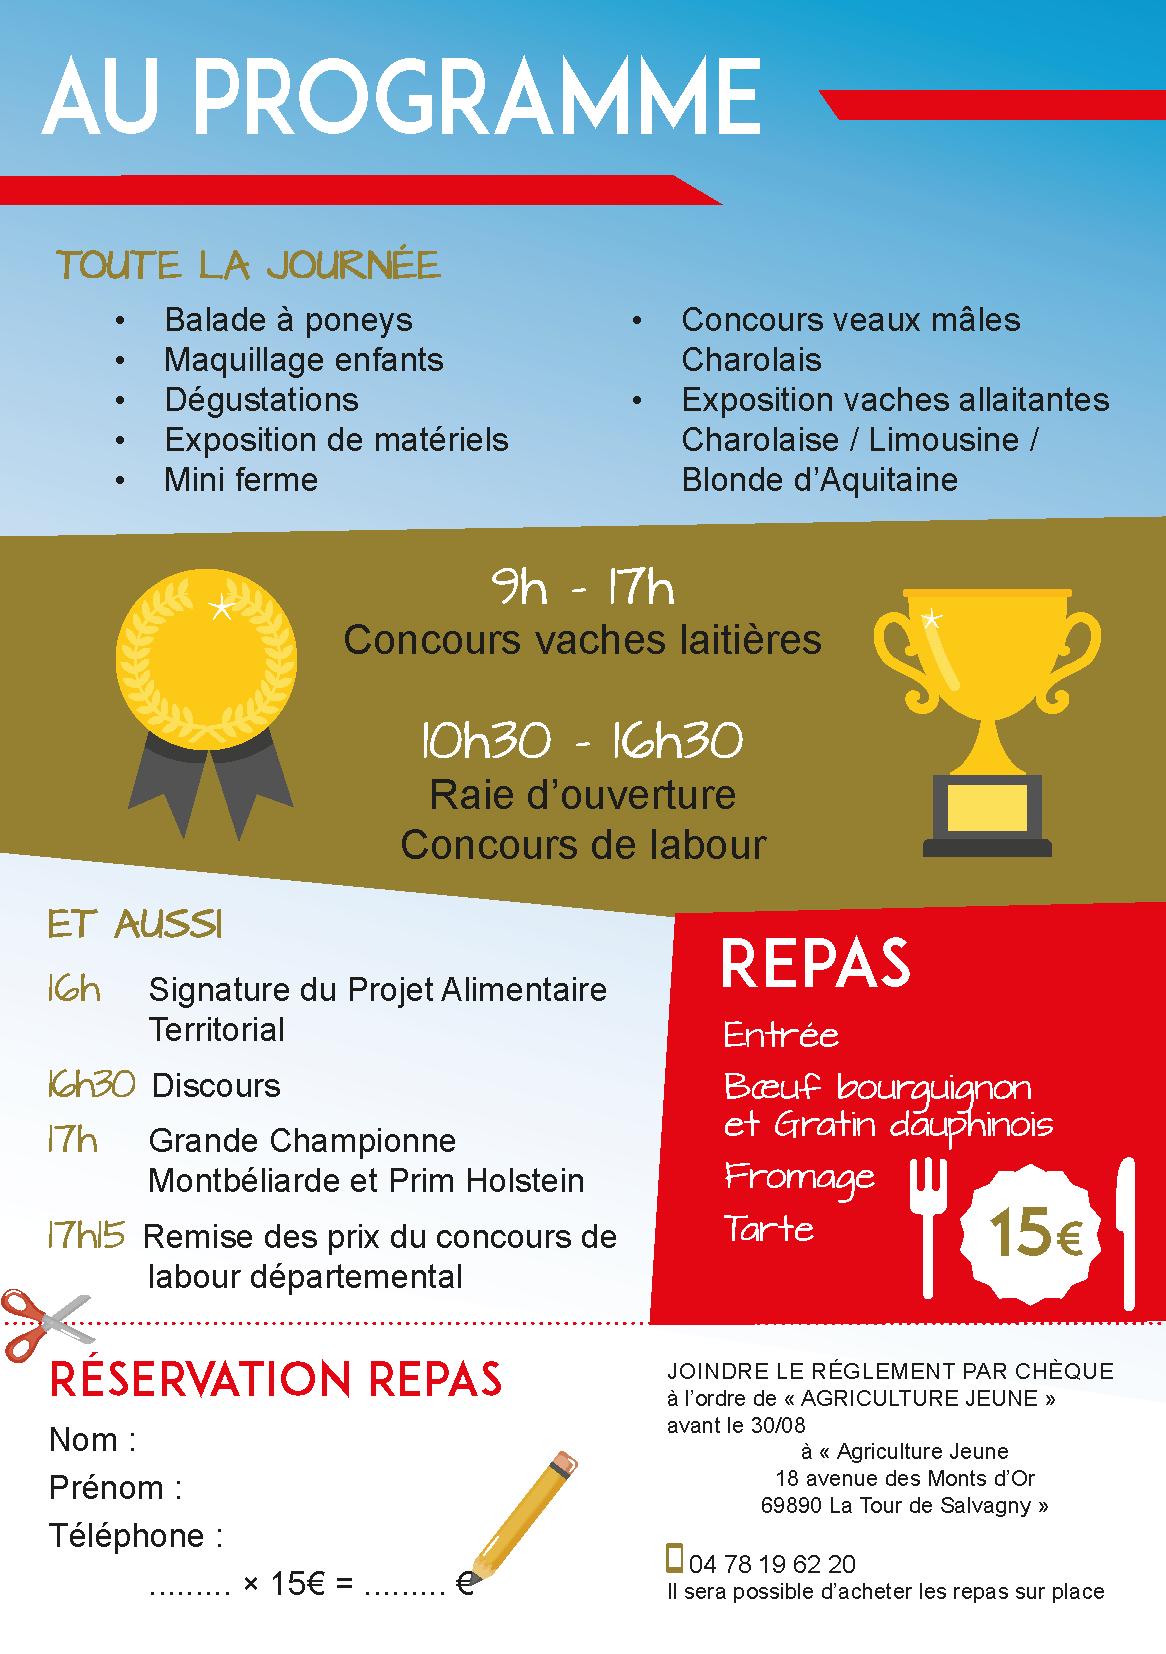 FETE DE L'AGRICULTURE DU RHÔNE 05-09-2021[3]_compressed (1)[1]_Page_2